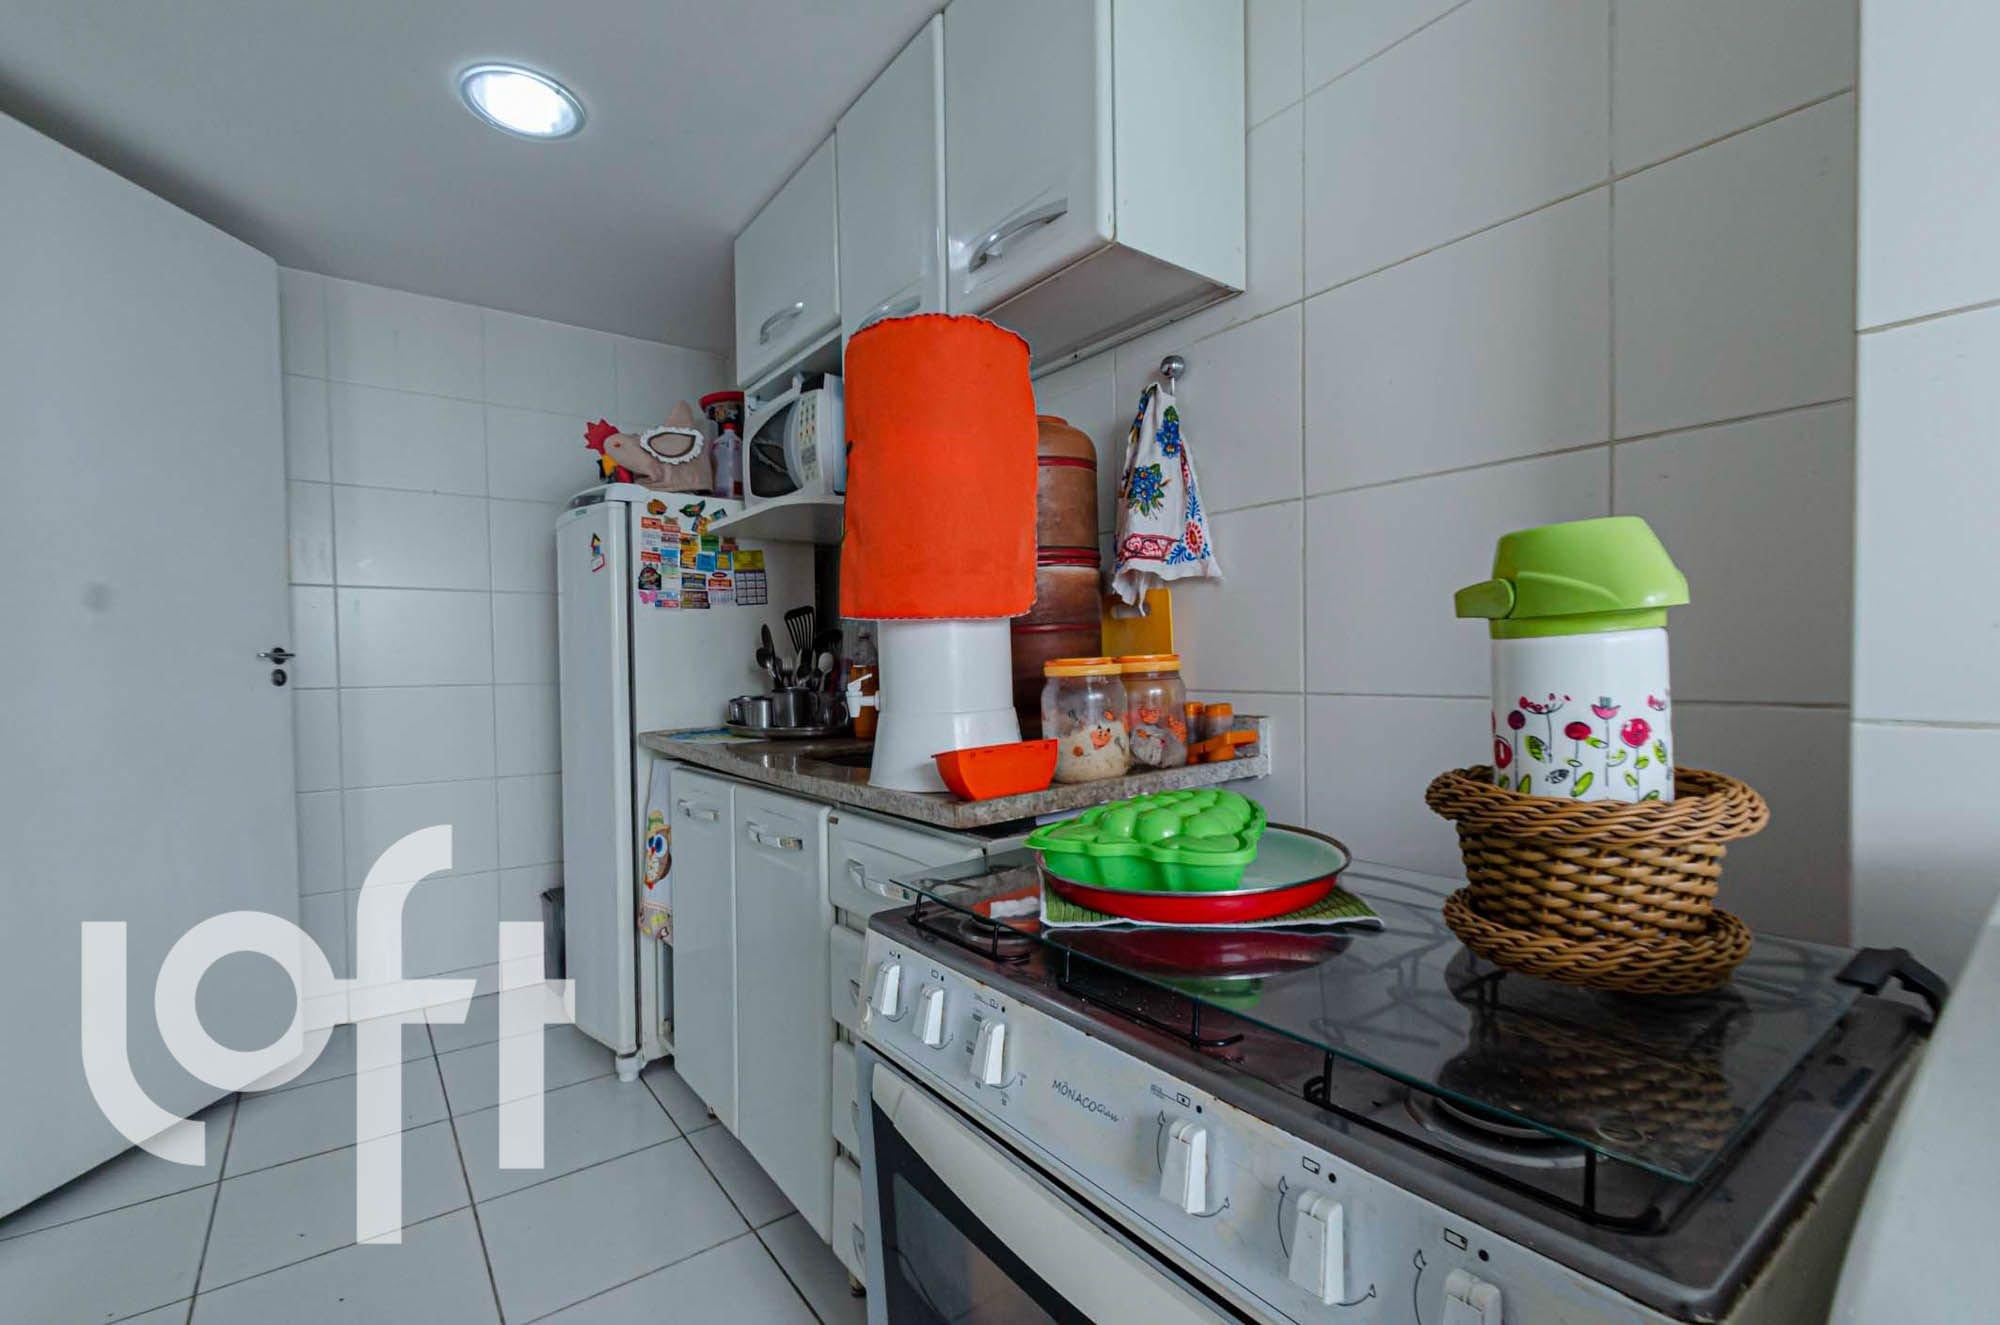 Foto de Cozinha com maçã, garrafa, tigela, geladeira